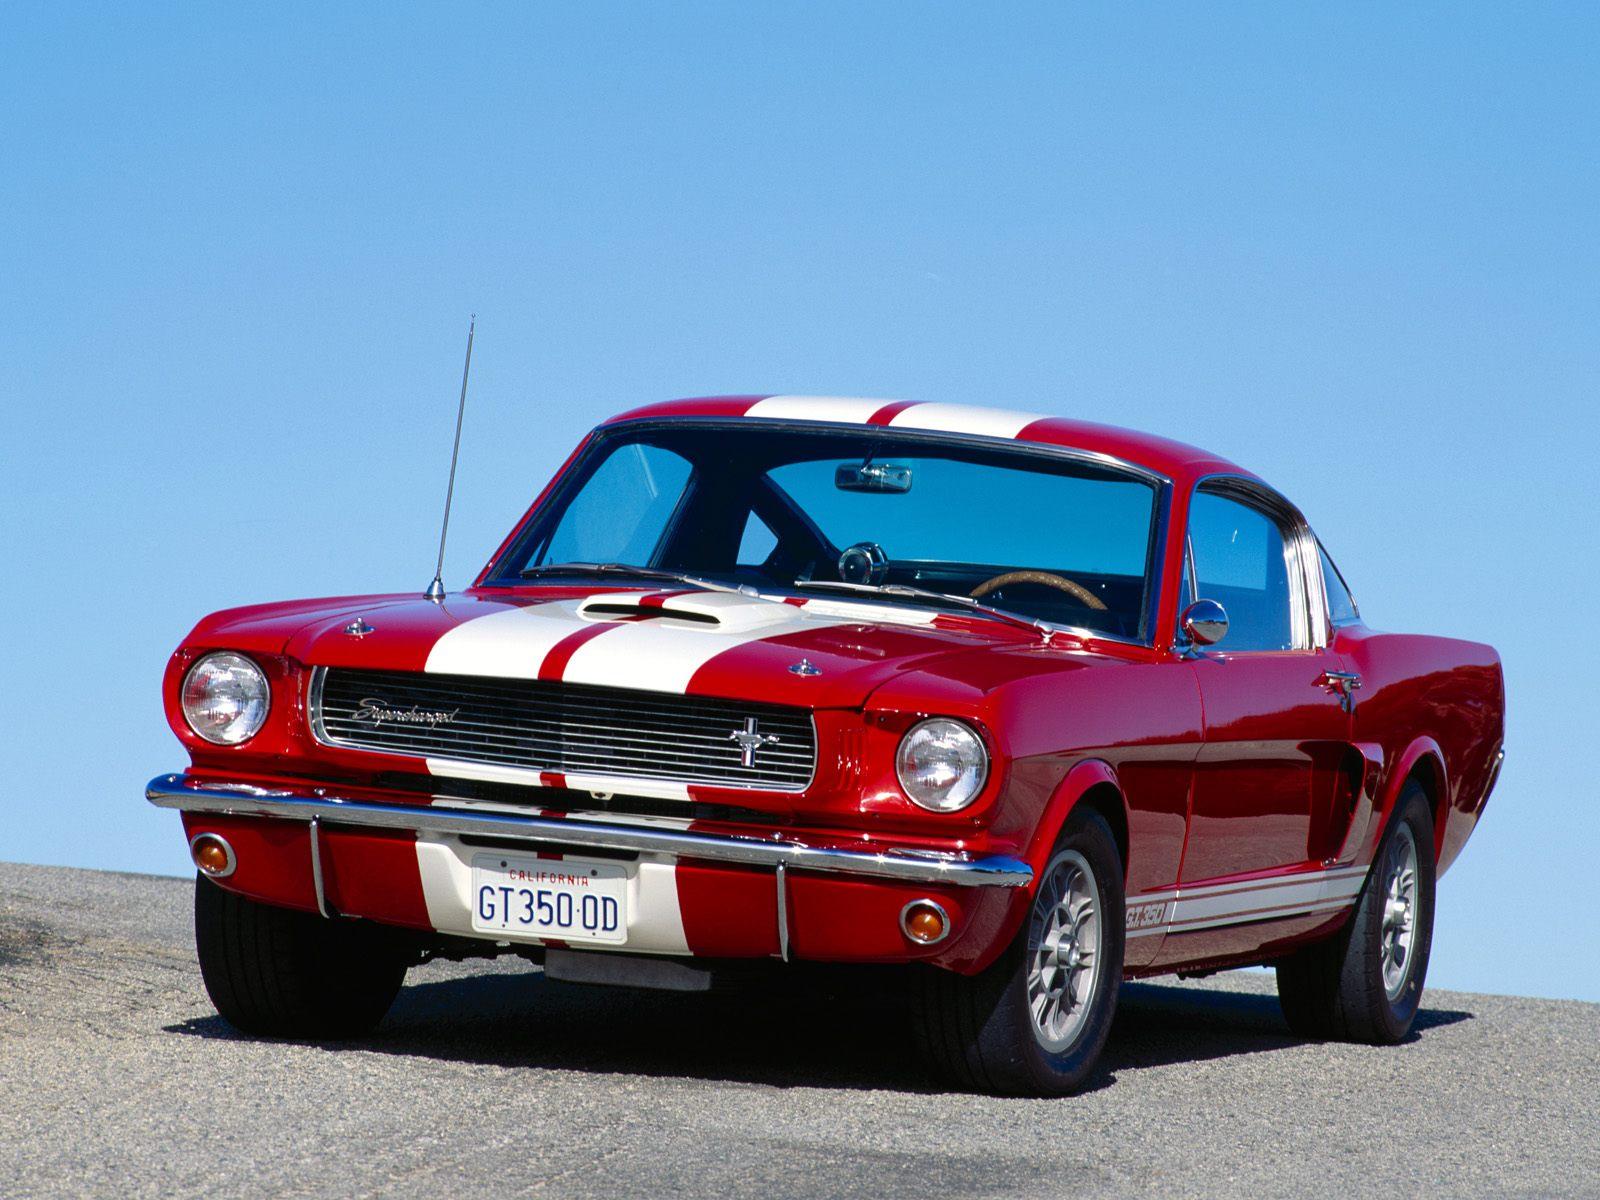 El Ford Mustang nació para ser un superdeportivo completo ofreciendo prestaciones y competir en los circuitos.